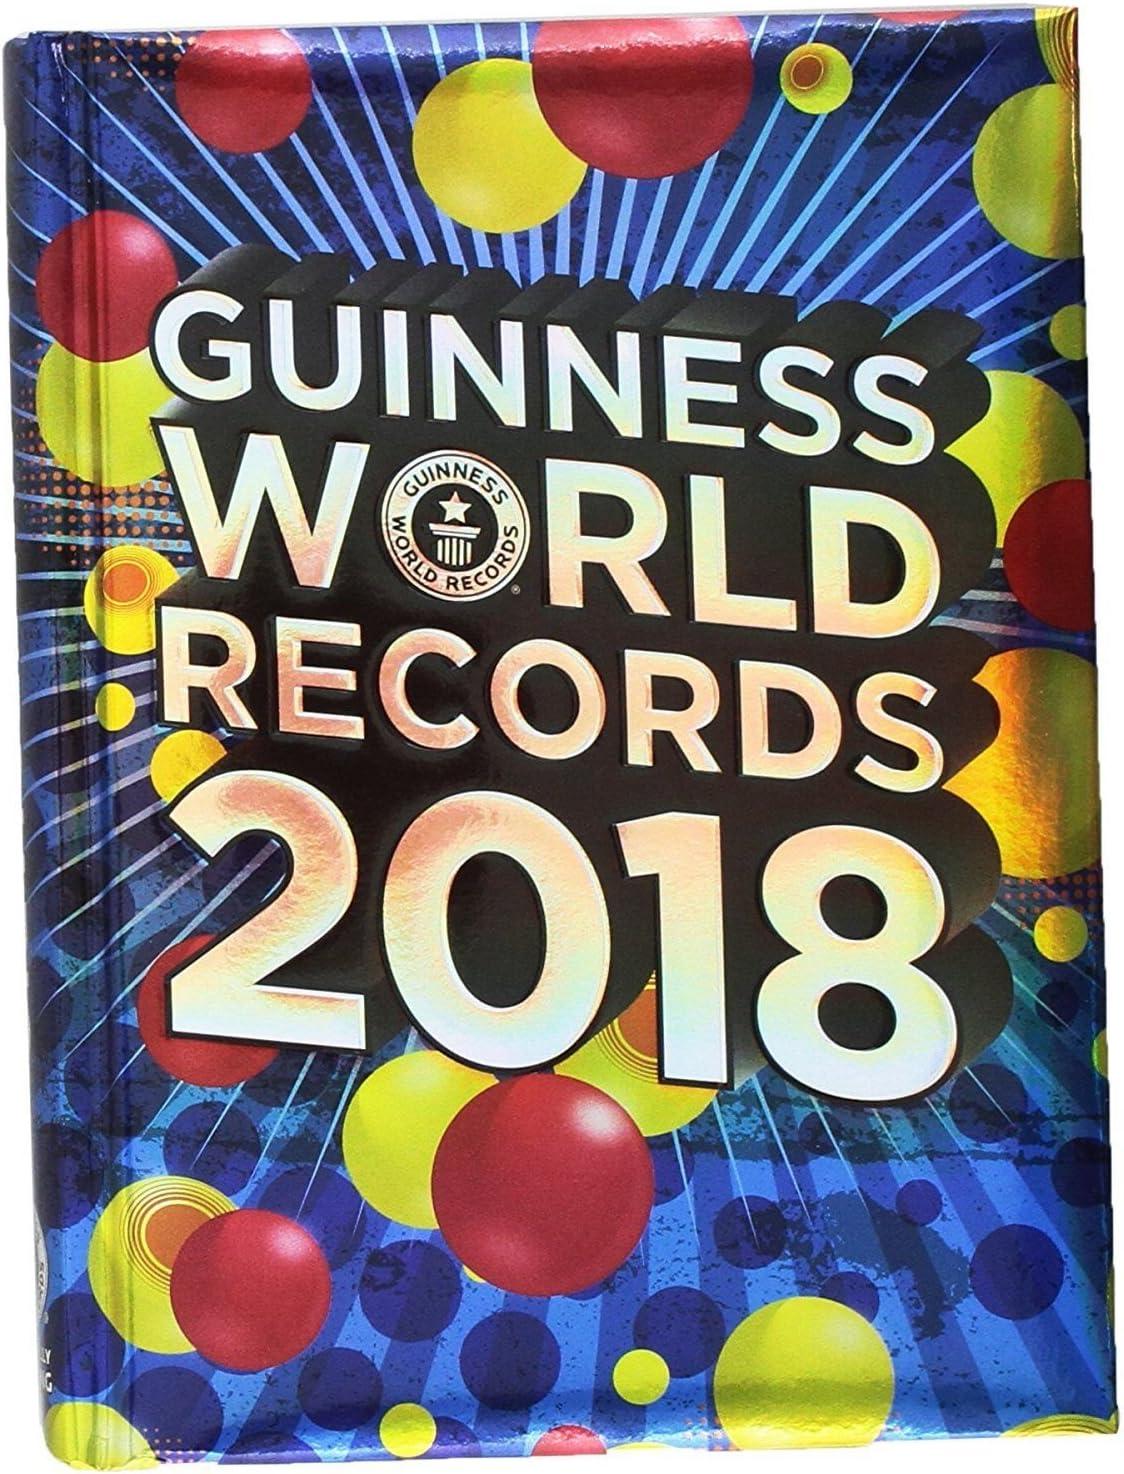 Diario escolar Guinness World Records 2017 y 2018 21 x 15 cm + incluye lápiz purpurina: Amazon.es: Juguetes y juegos